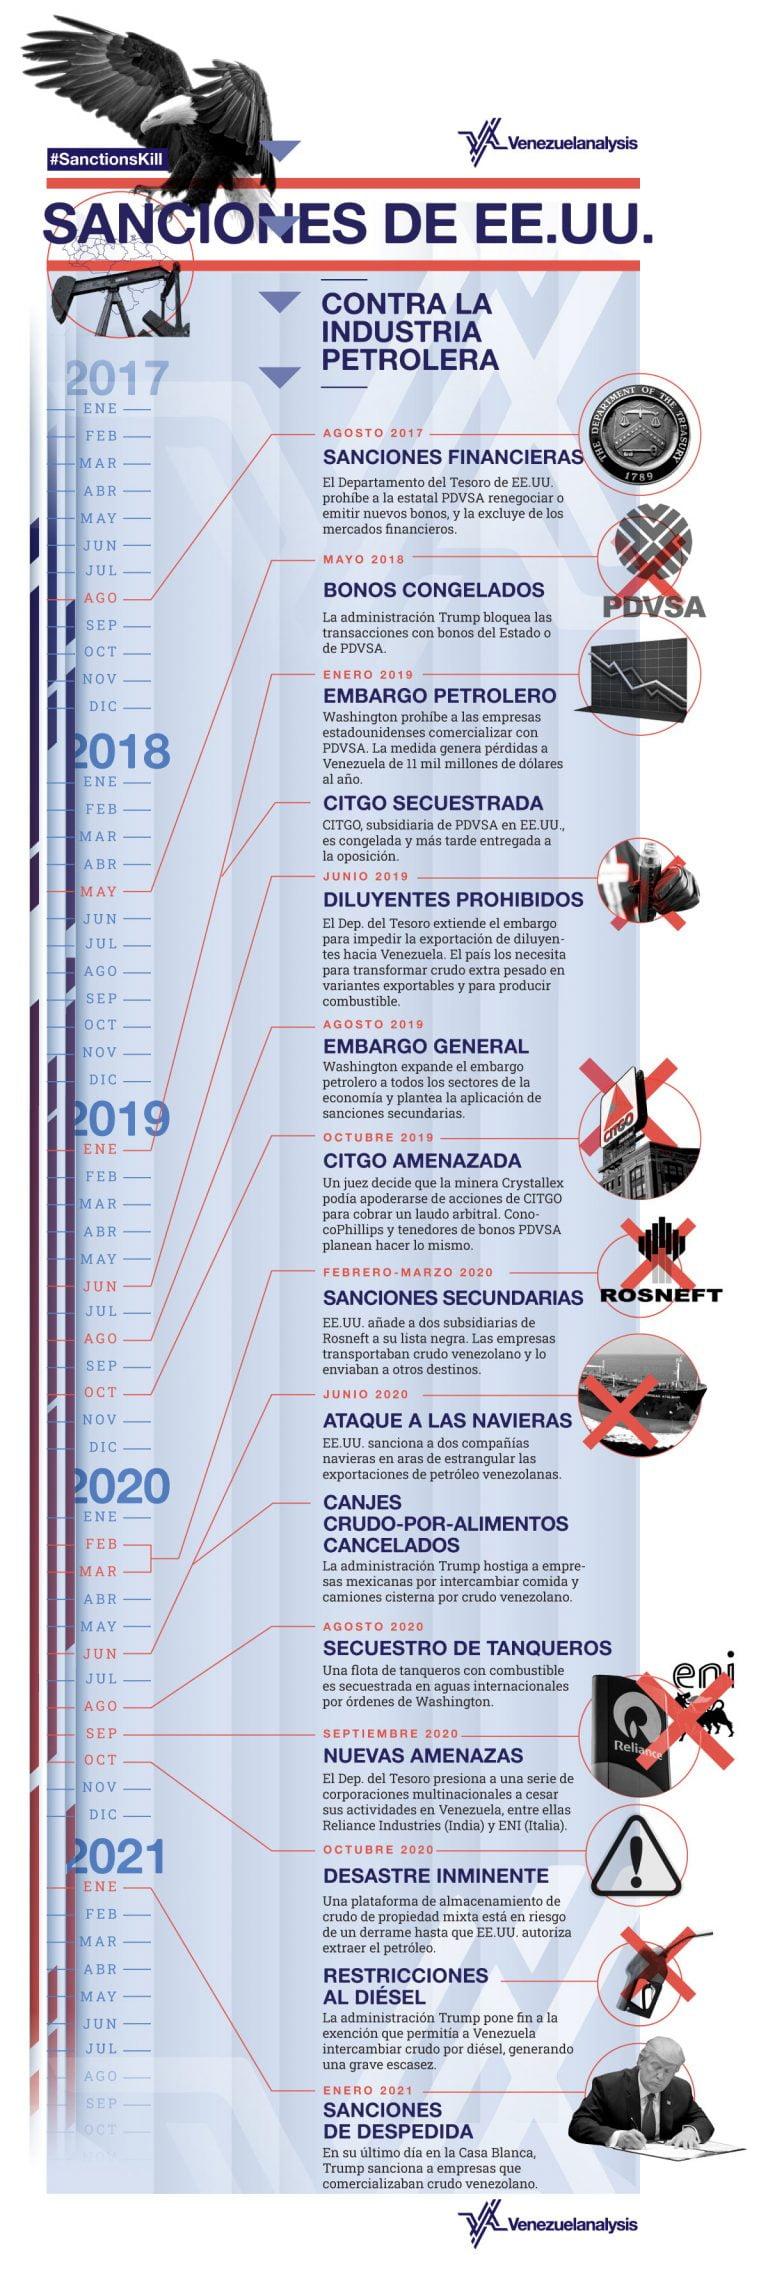 [INFOGRAFÍA] Las sanciones contra la industria petrolera venezolana